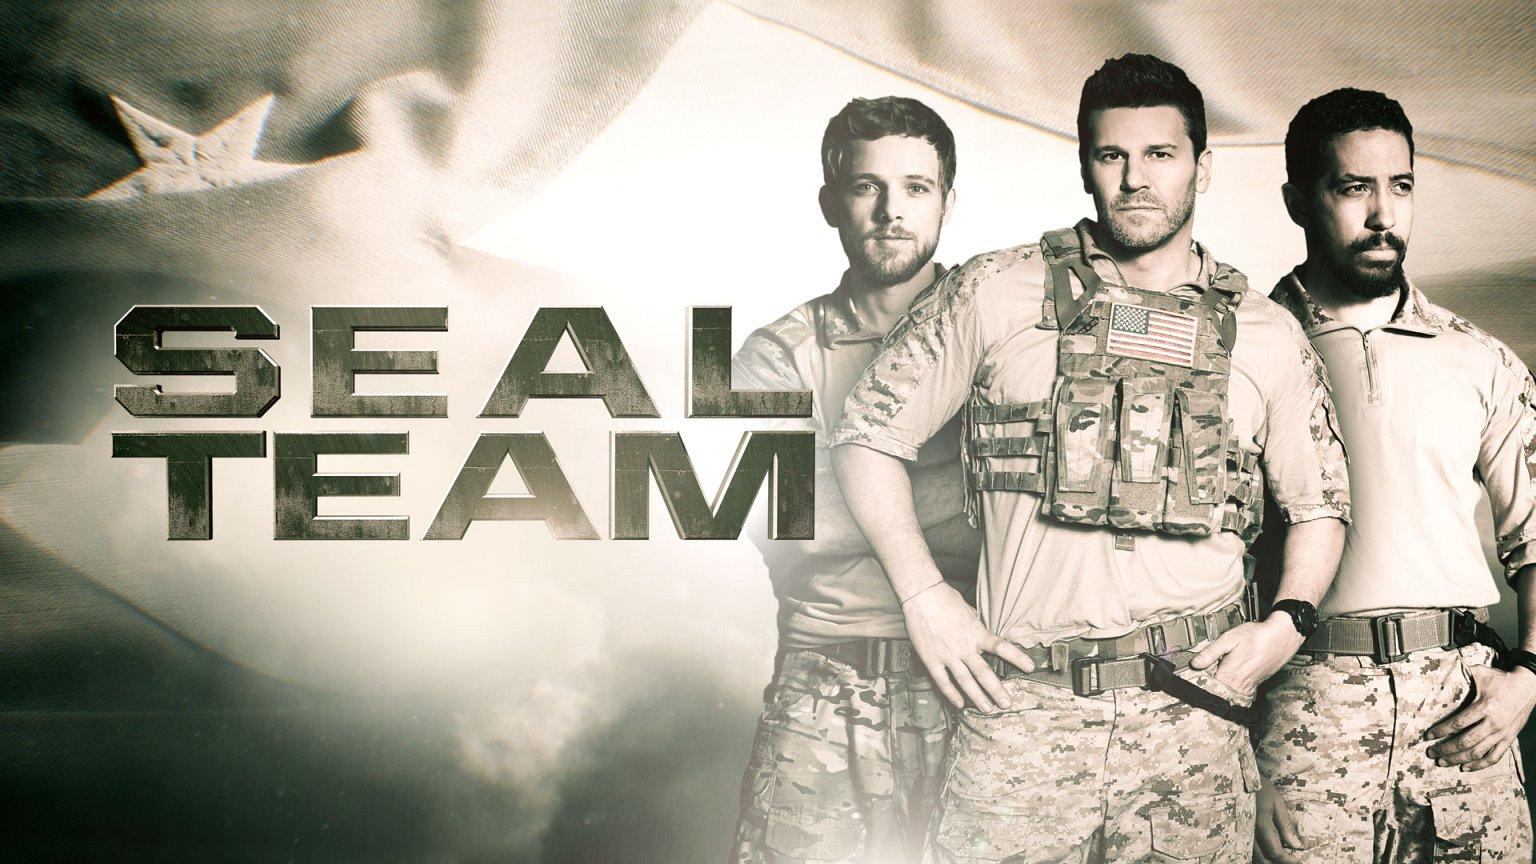 SEAL Team S2 episode 4 watch online